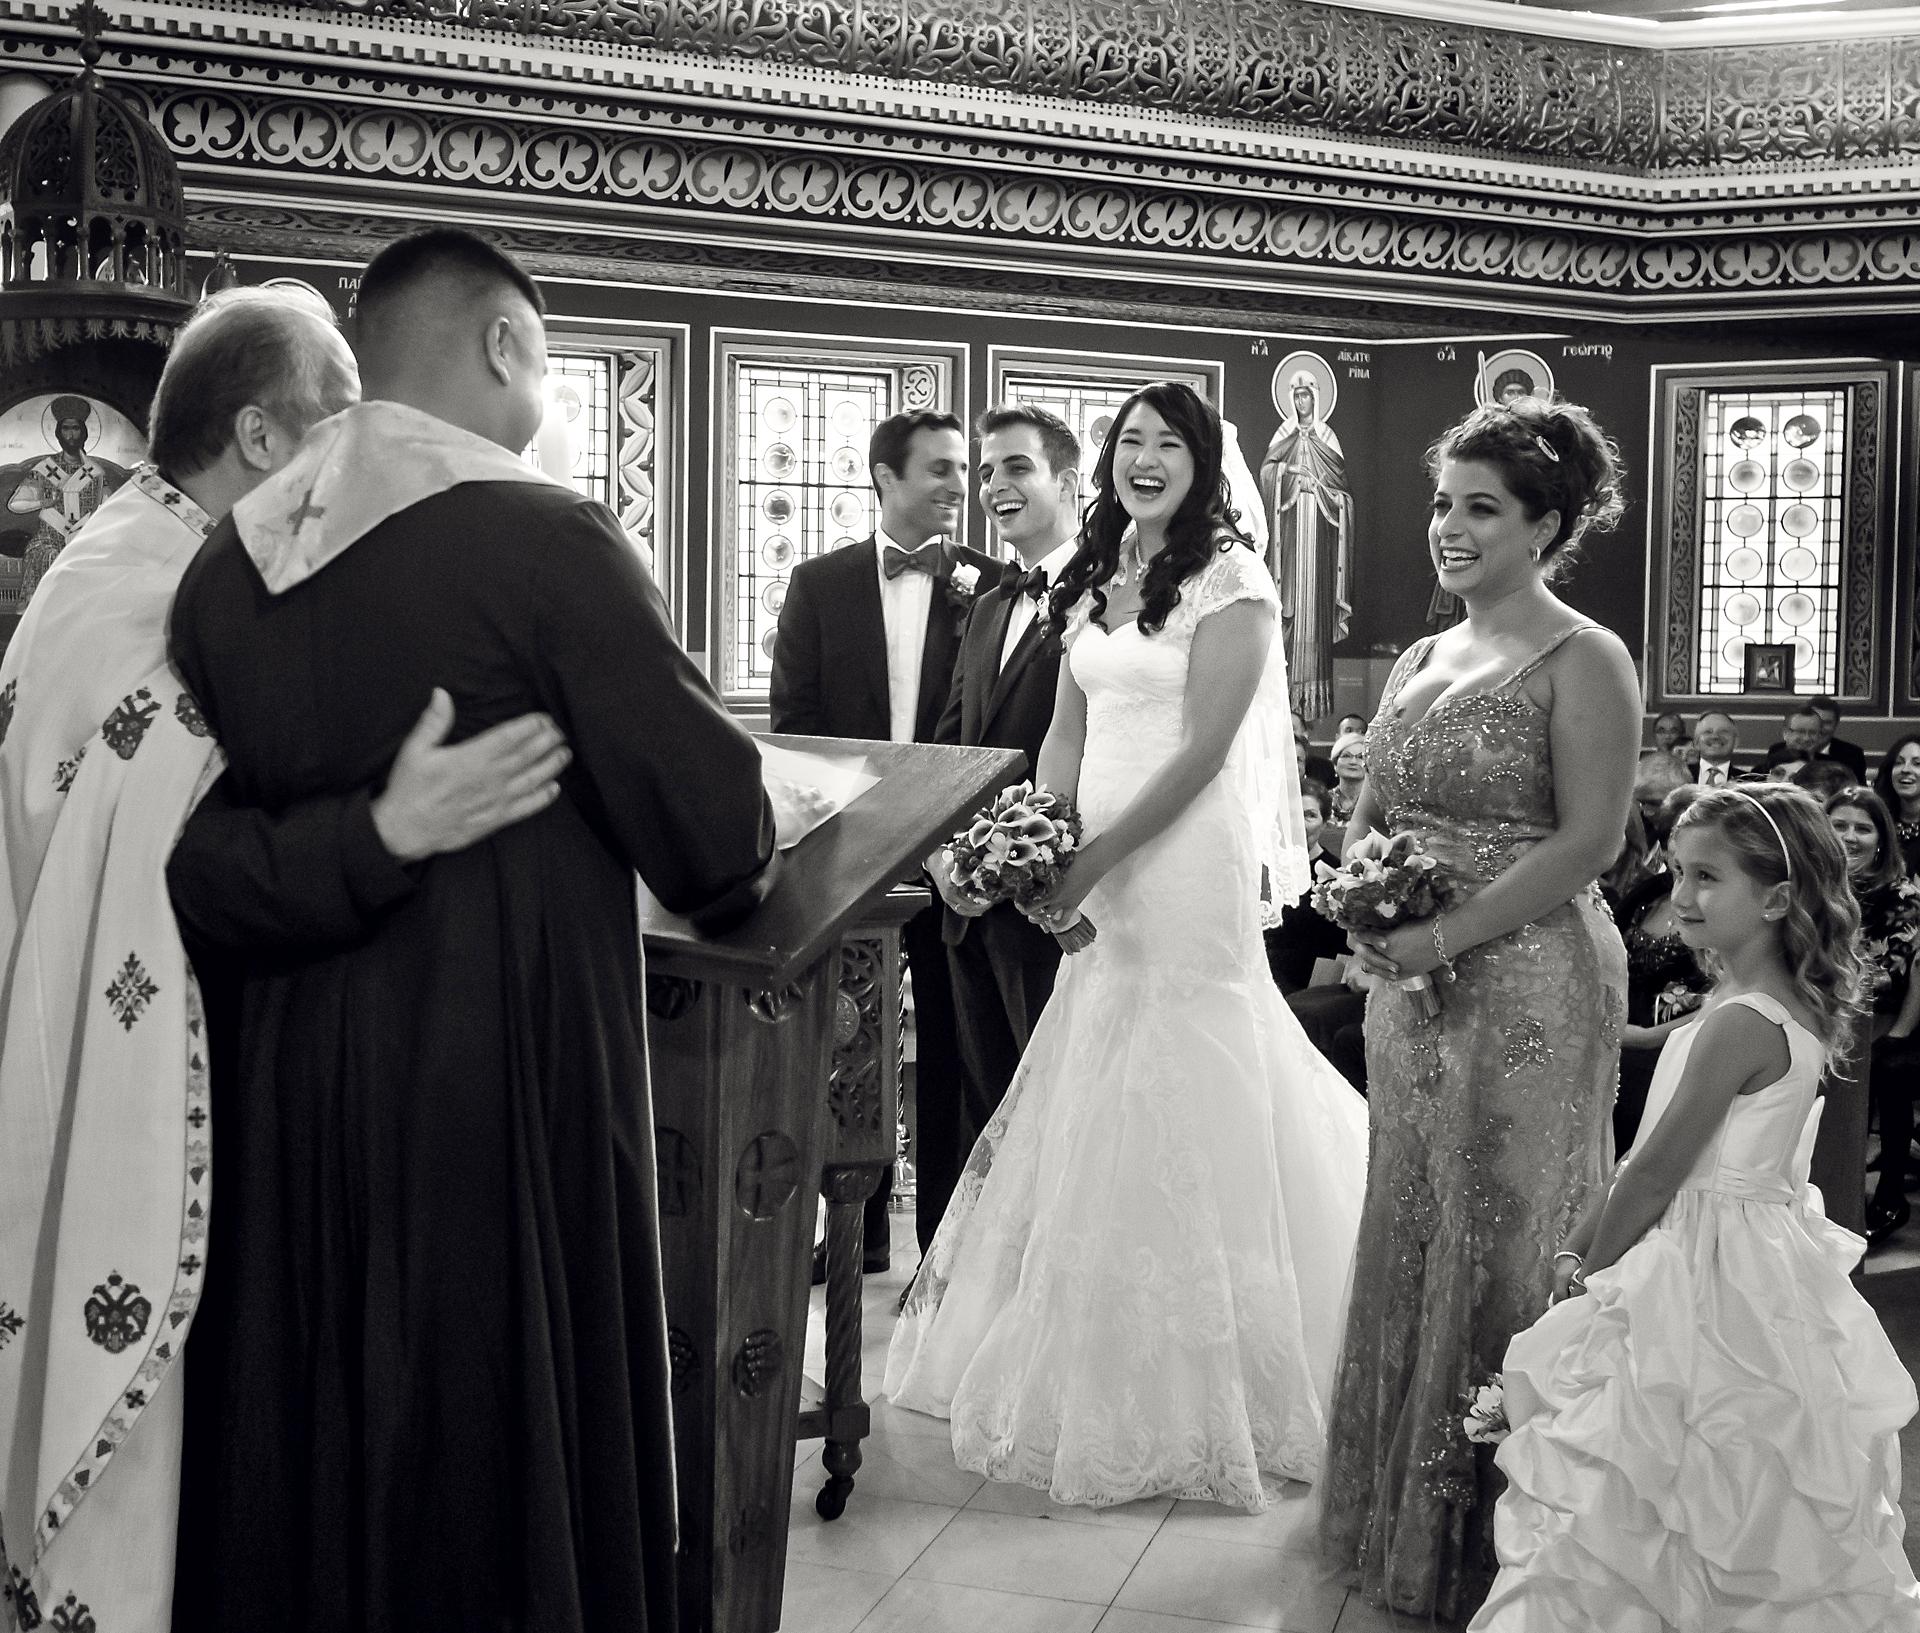 Costas & Erin | Palais Royale Wedding | Toronto Wedding Photography18